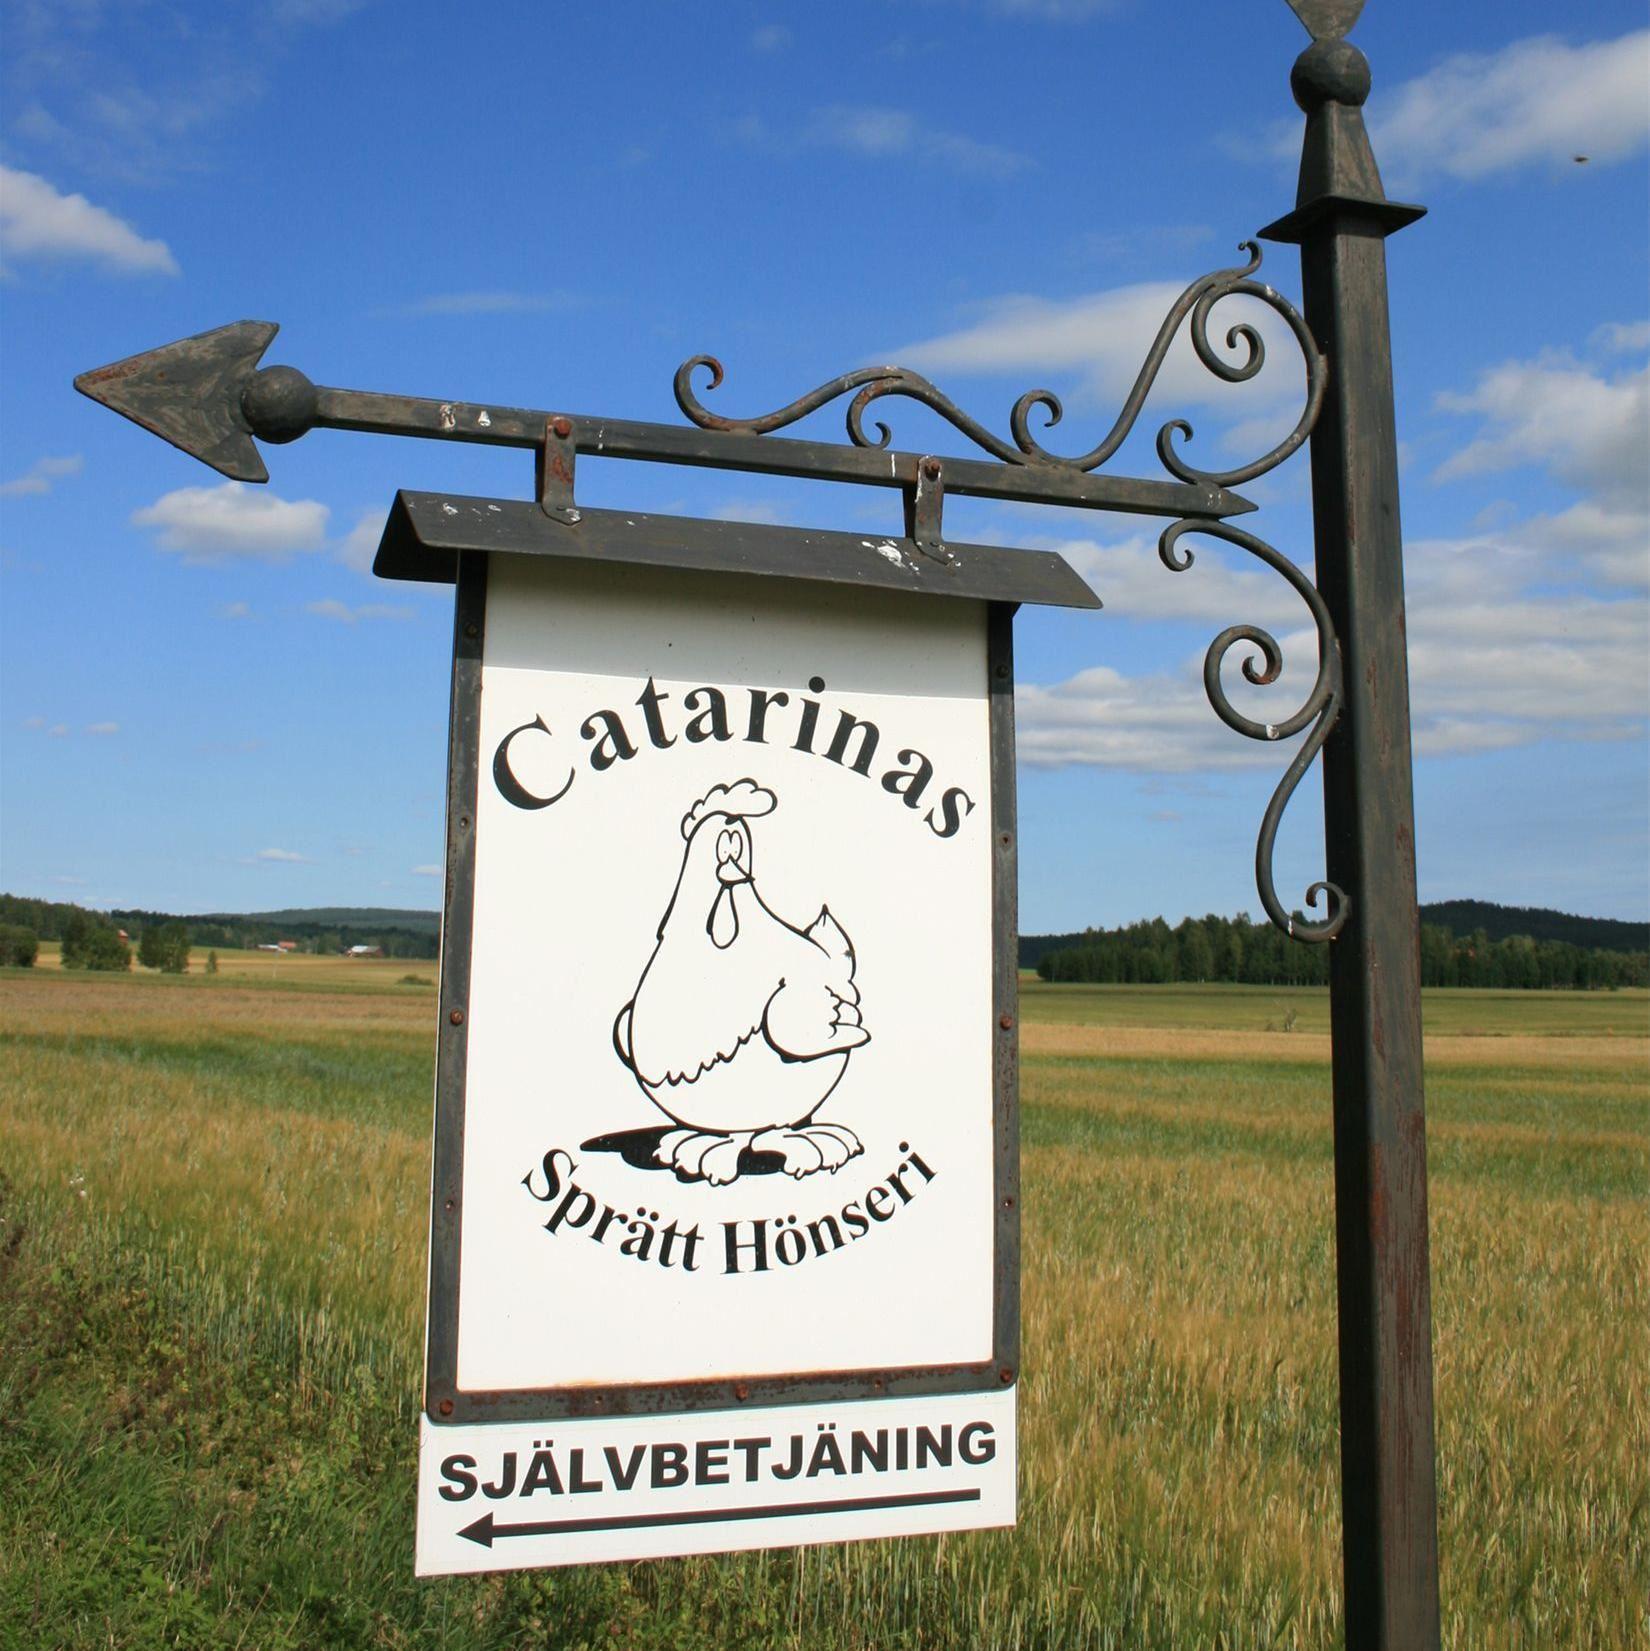 Catarinas fop hen farm